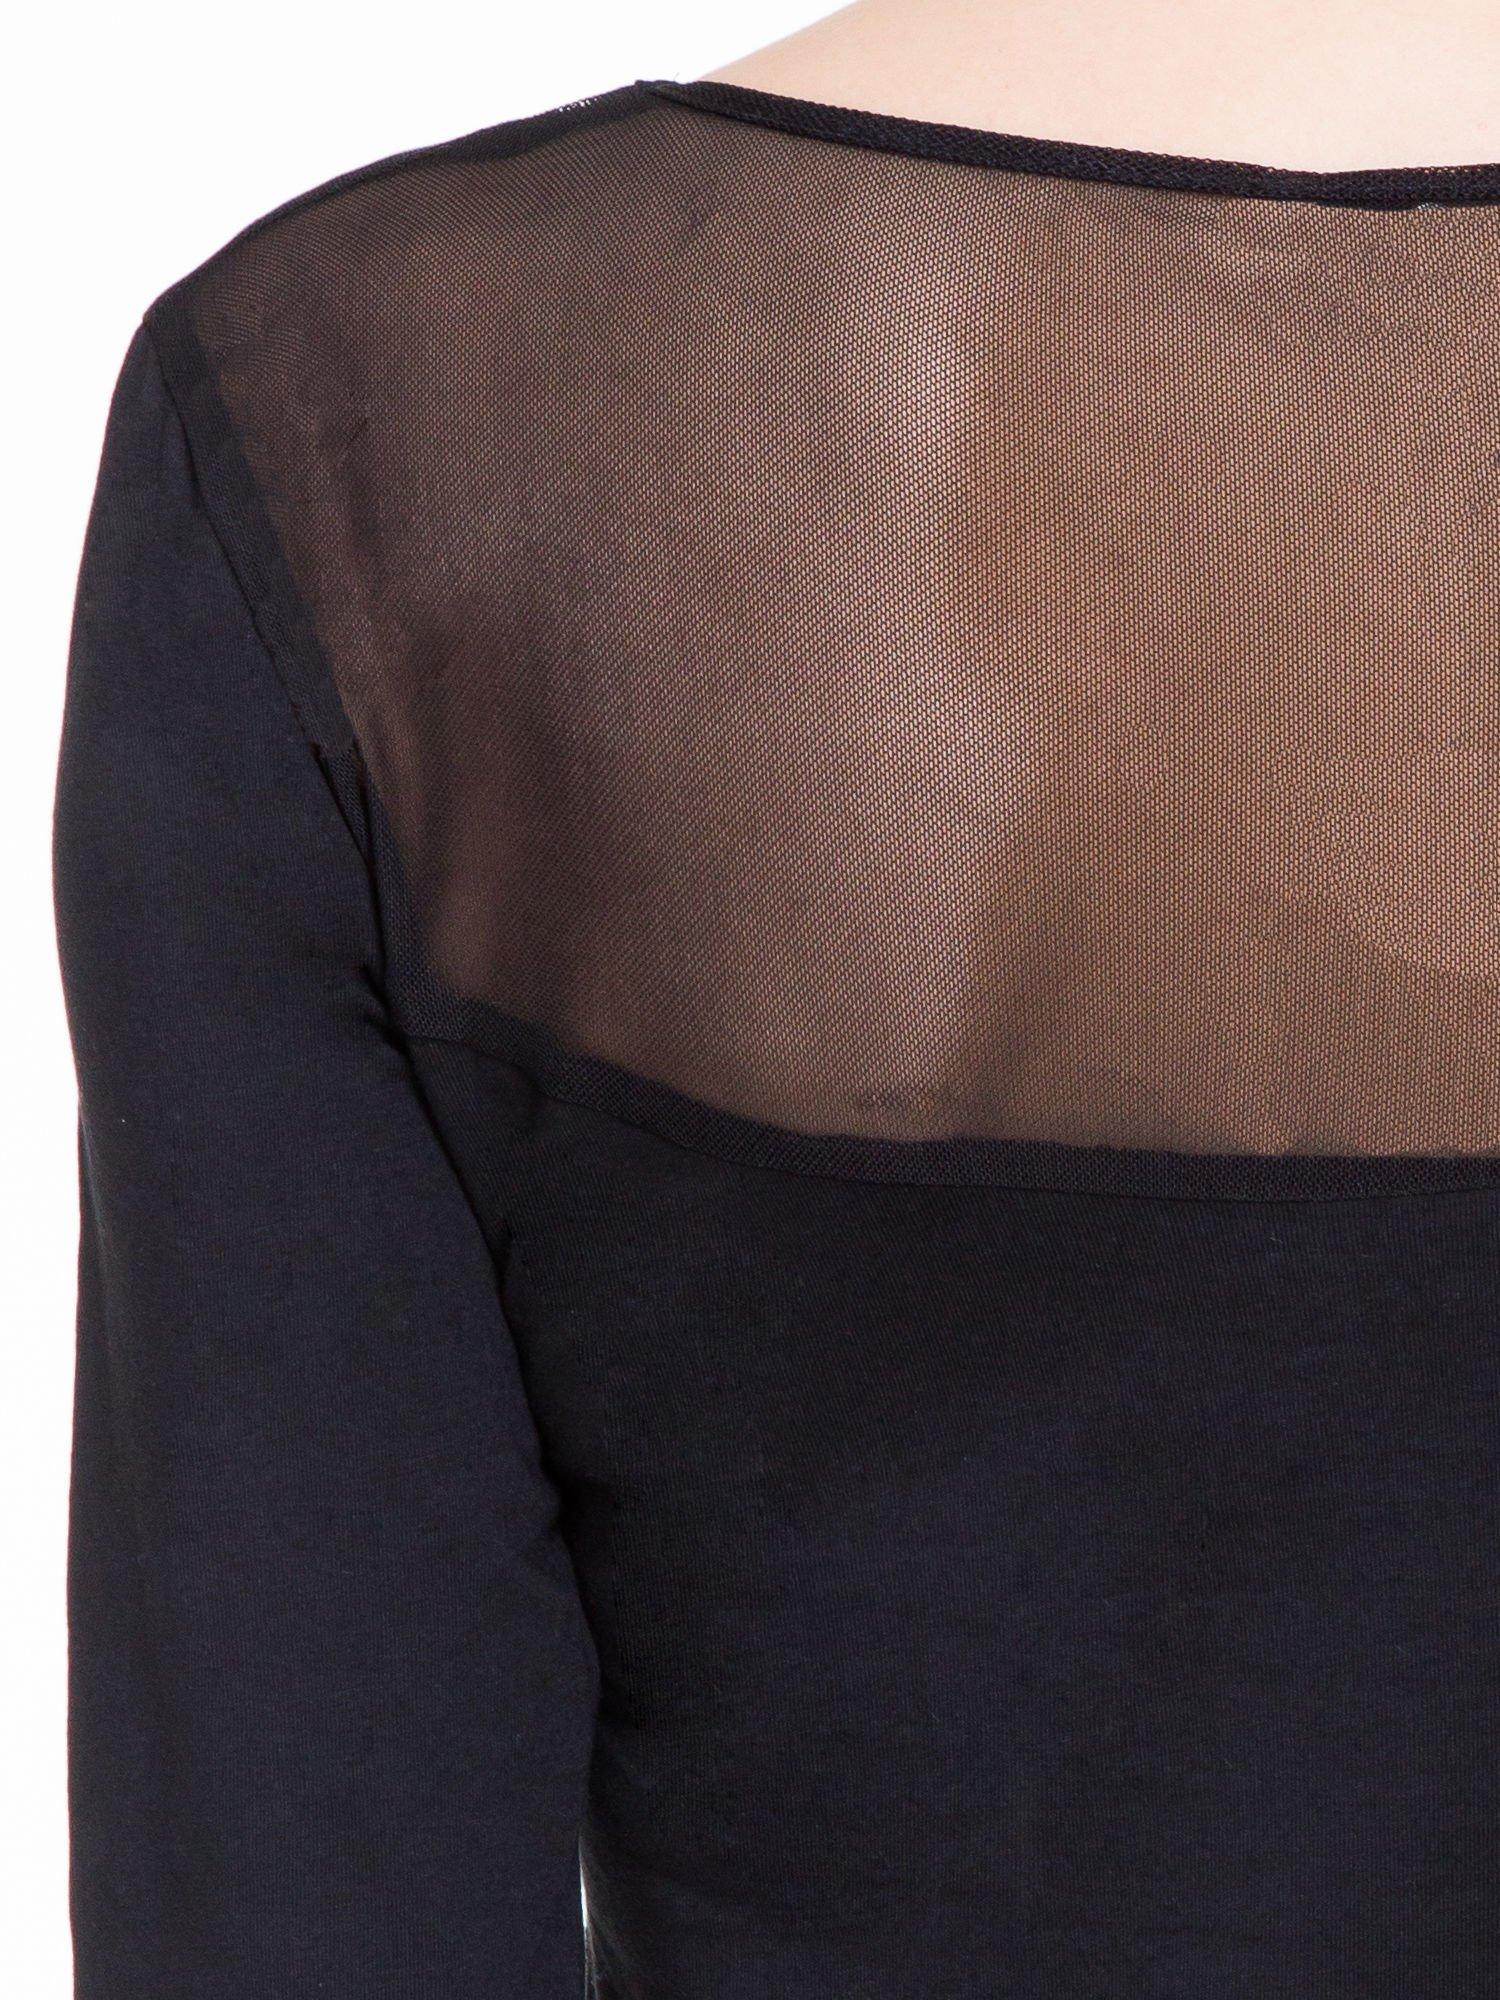 Czarna bluzka z tiulowym karczkiem                                  zdj.                                  7